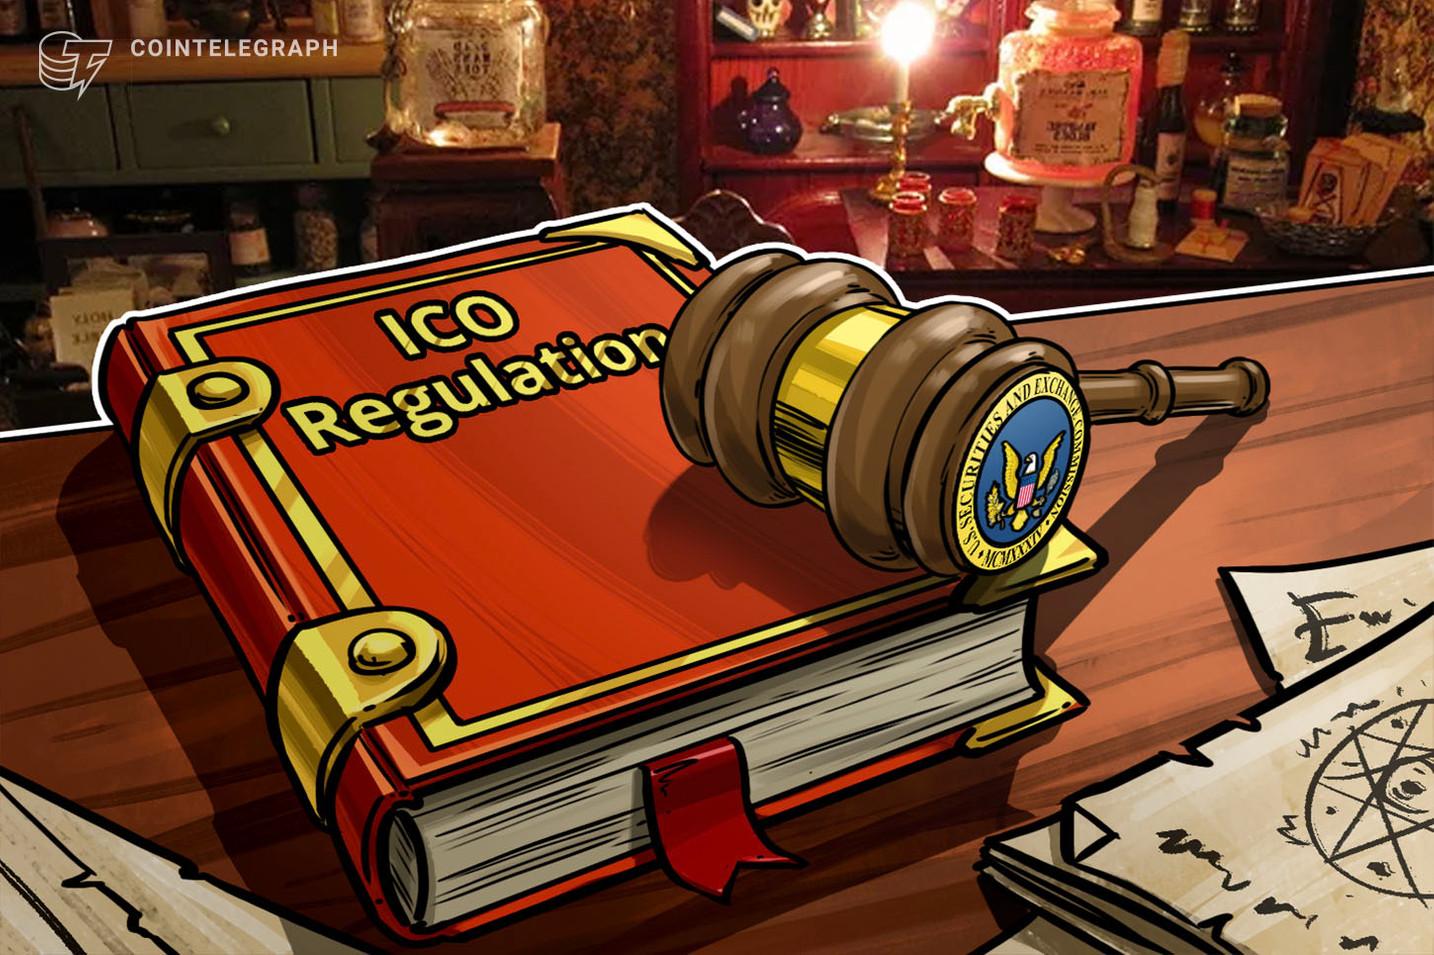 SECによるICO規制に待った 米共和党議員 「仮想通貨を証券に分類させない」法案提出へ